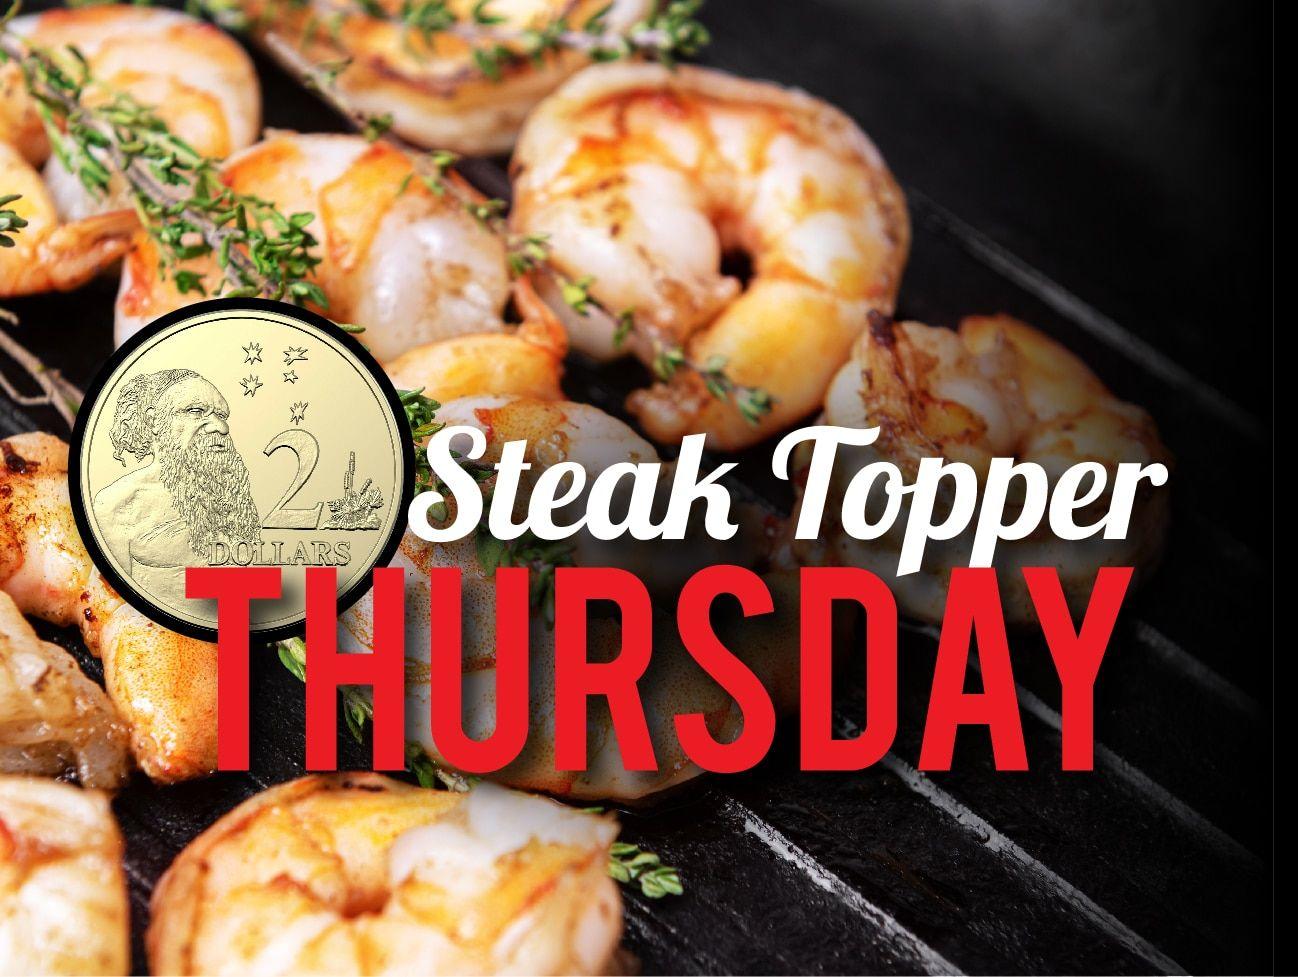 Steak Topper Thursday